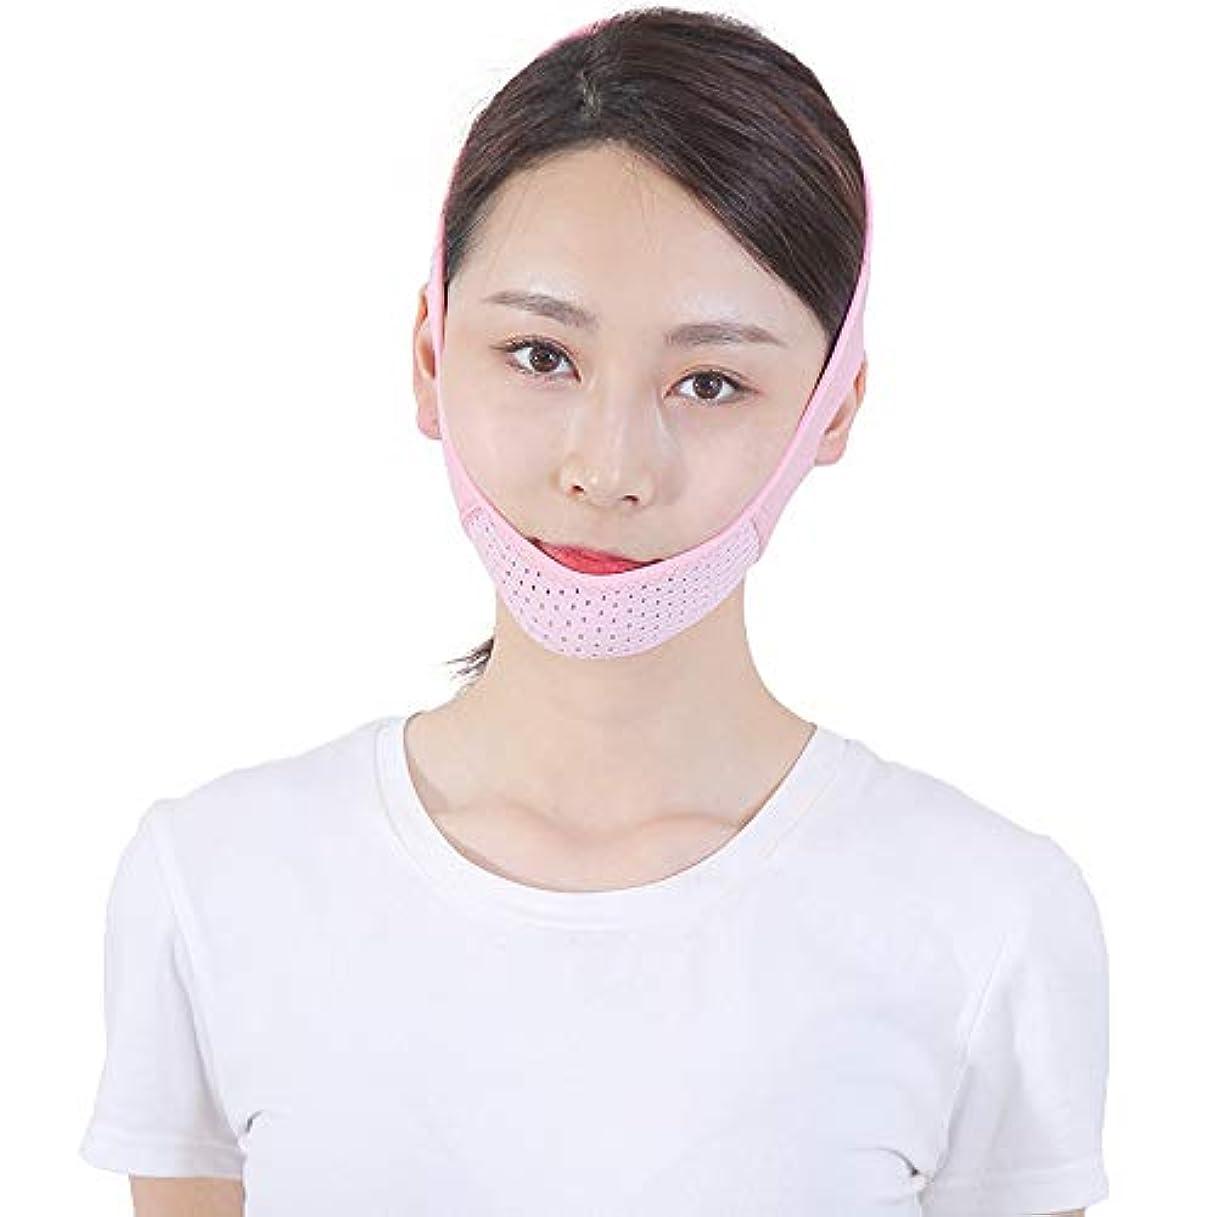 型技術マイルフェイシャルリフティング痩身ベルトフェイススリムゲットダブルチンアンチエイジングリンクルフェイスバンデージマスクシェイピングマスク顔を引き締めるダブルチンワークアウト